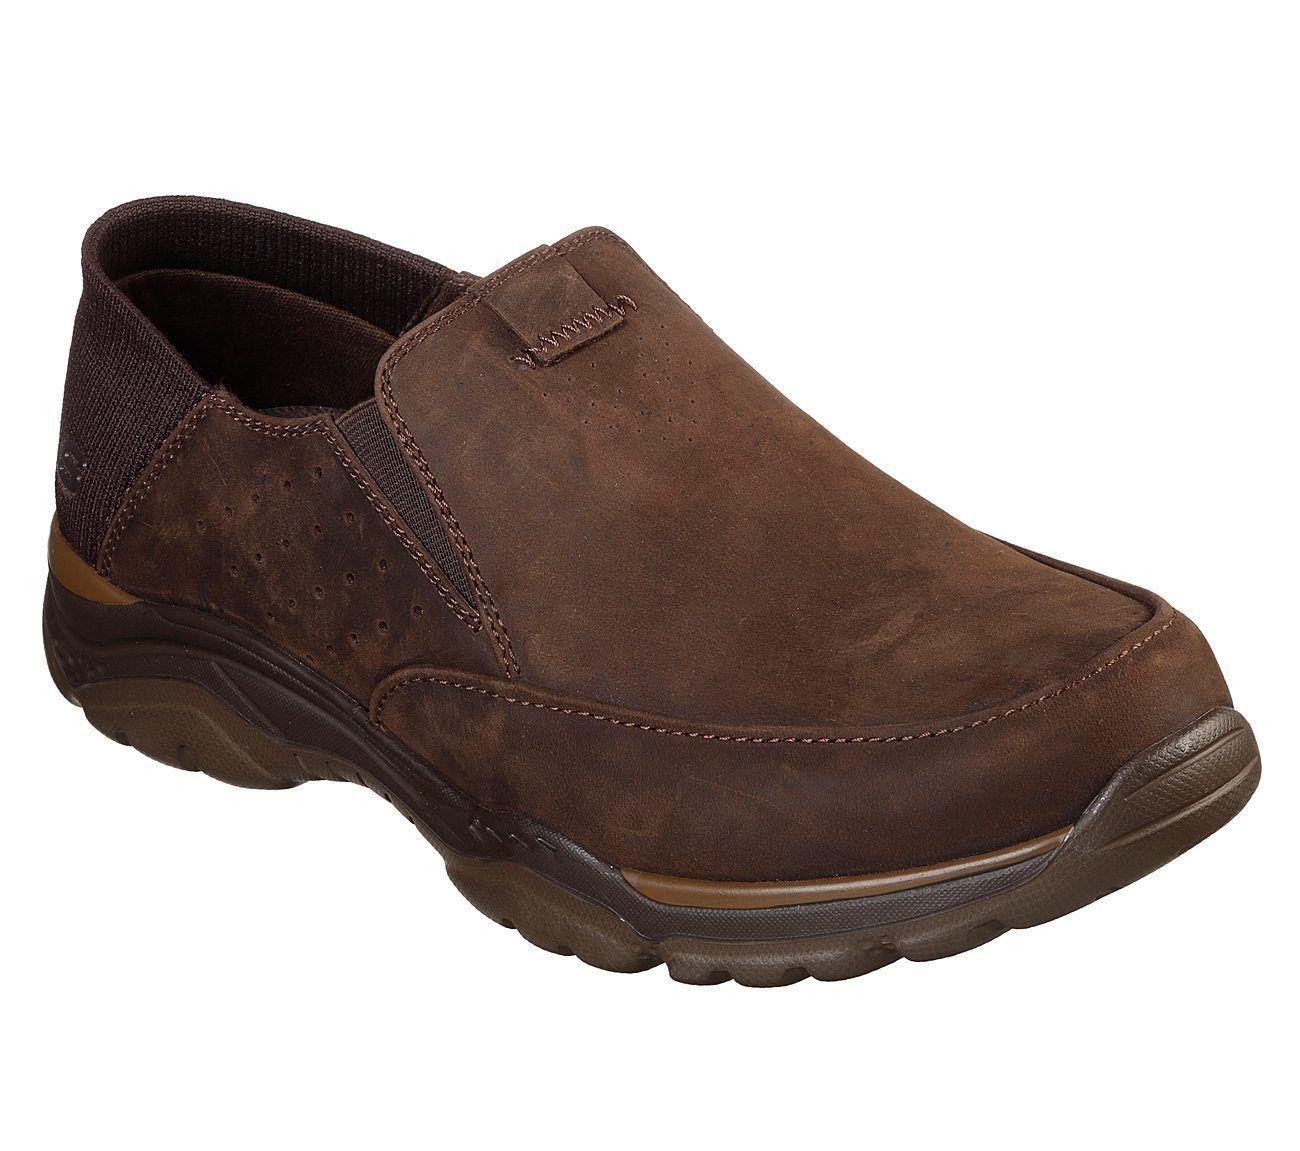 65719 Dark Brown Skechers shoes Men's